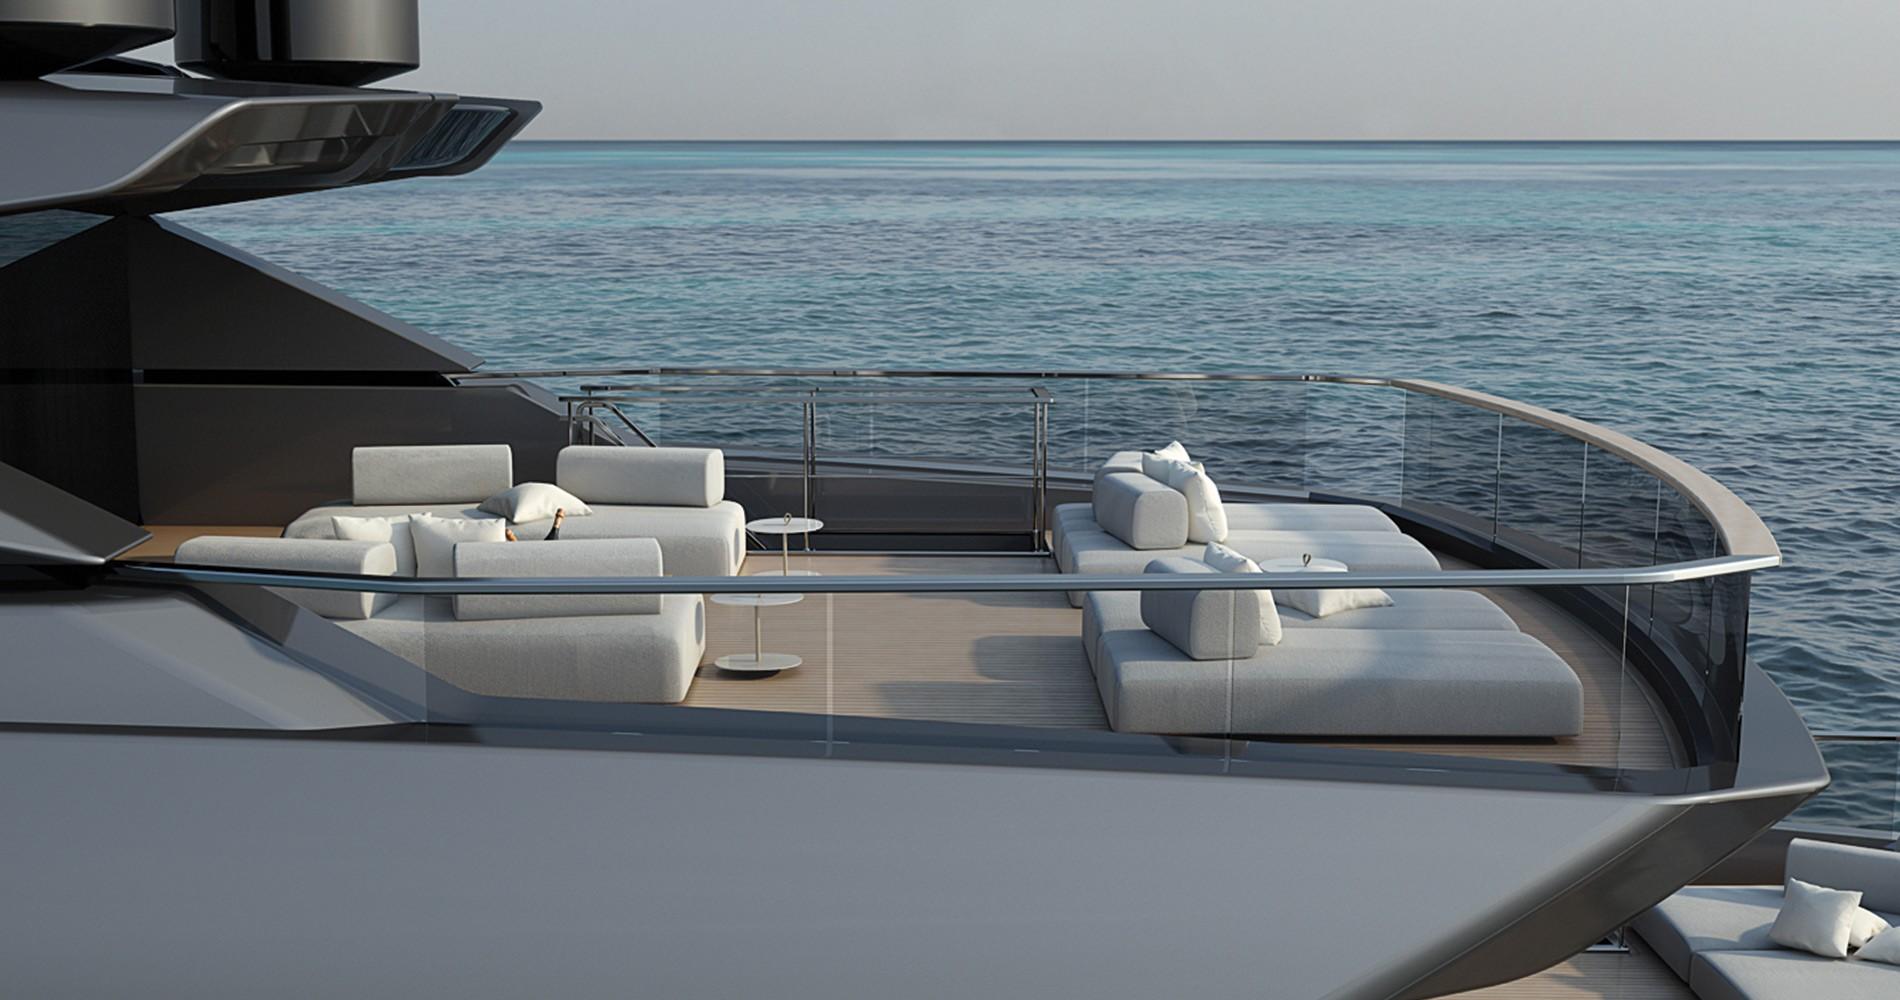 sanlorenzo superyacht 57steel